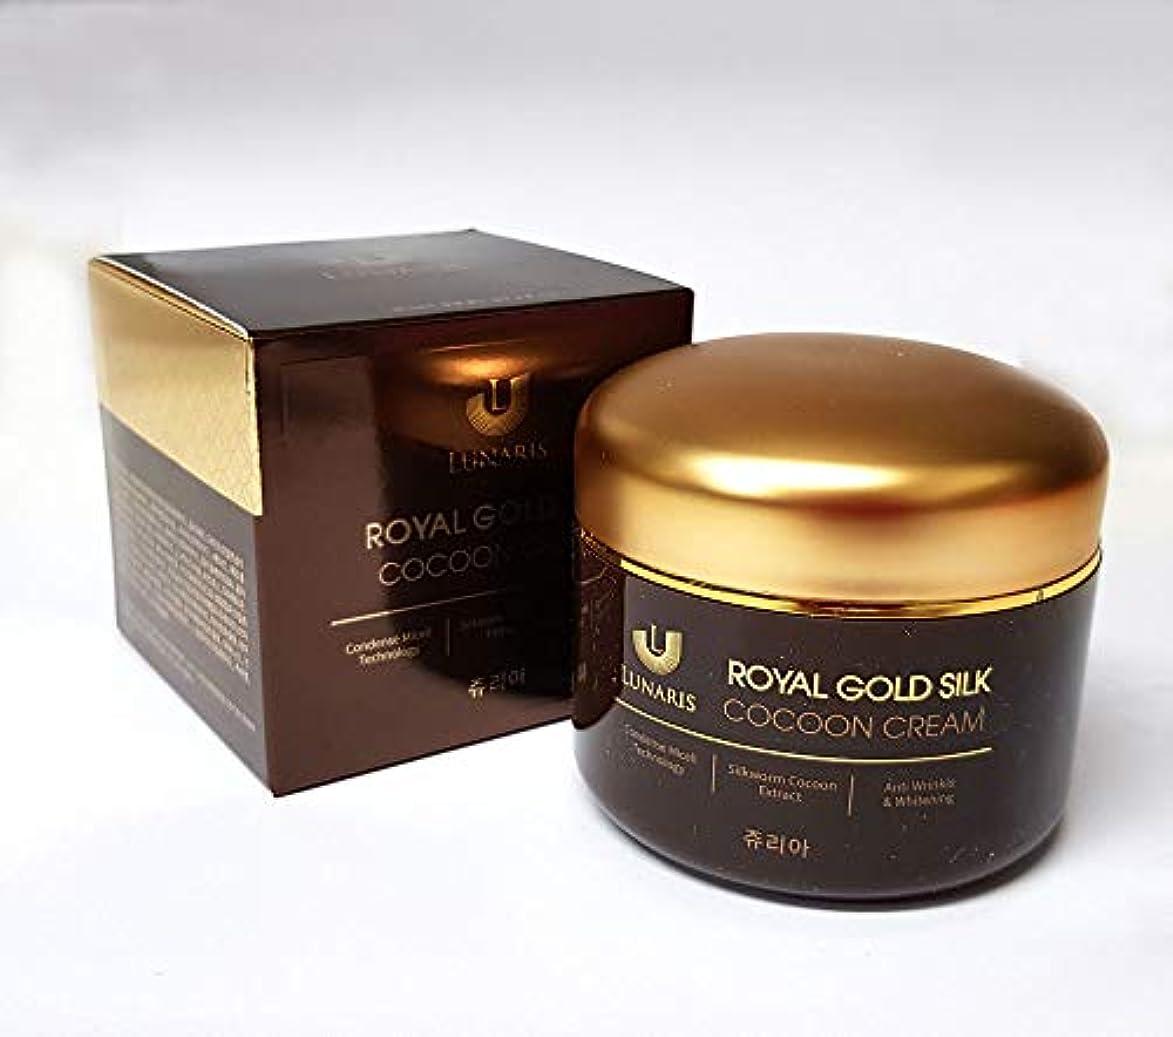 移動チューブ恥ずかしさ[Lunaris] ロイヤルゴールドシルクコクーンクリーム100ml /Royal Gold Silk Cocoon Cream 100ml / 美白、保湿、リフティング/Whitening, Moisturizing,...